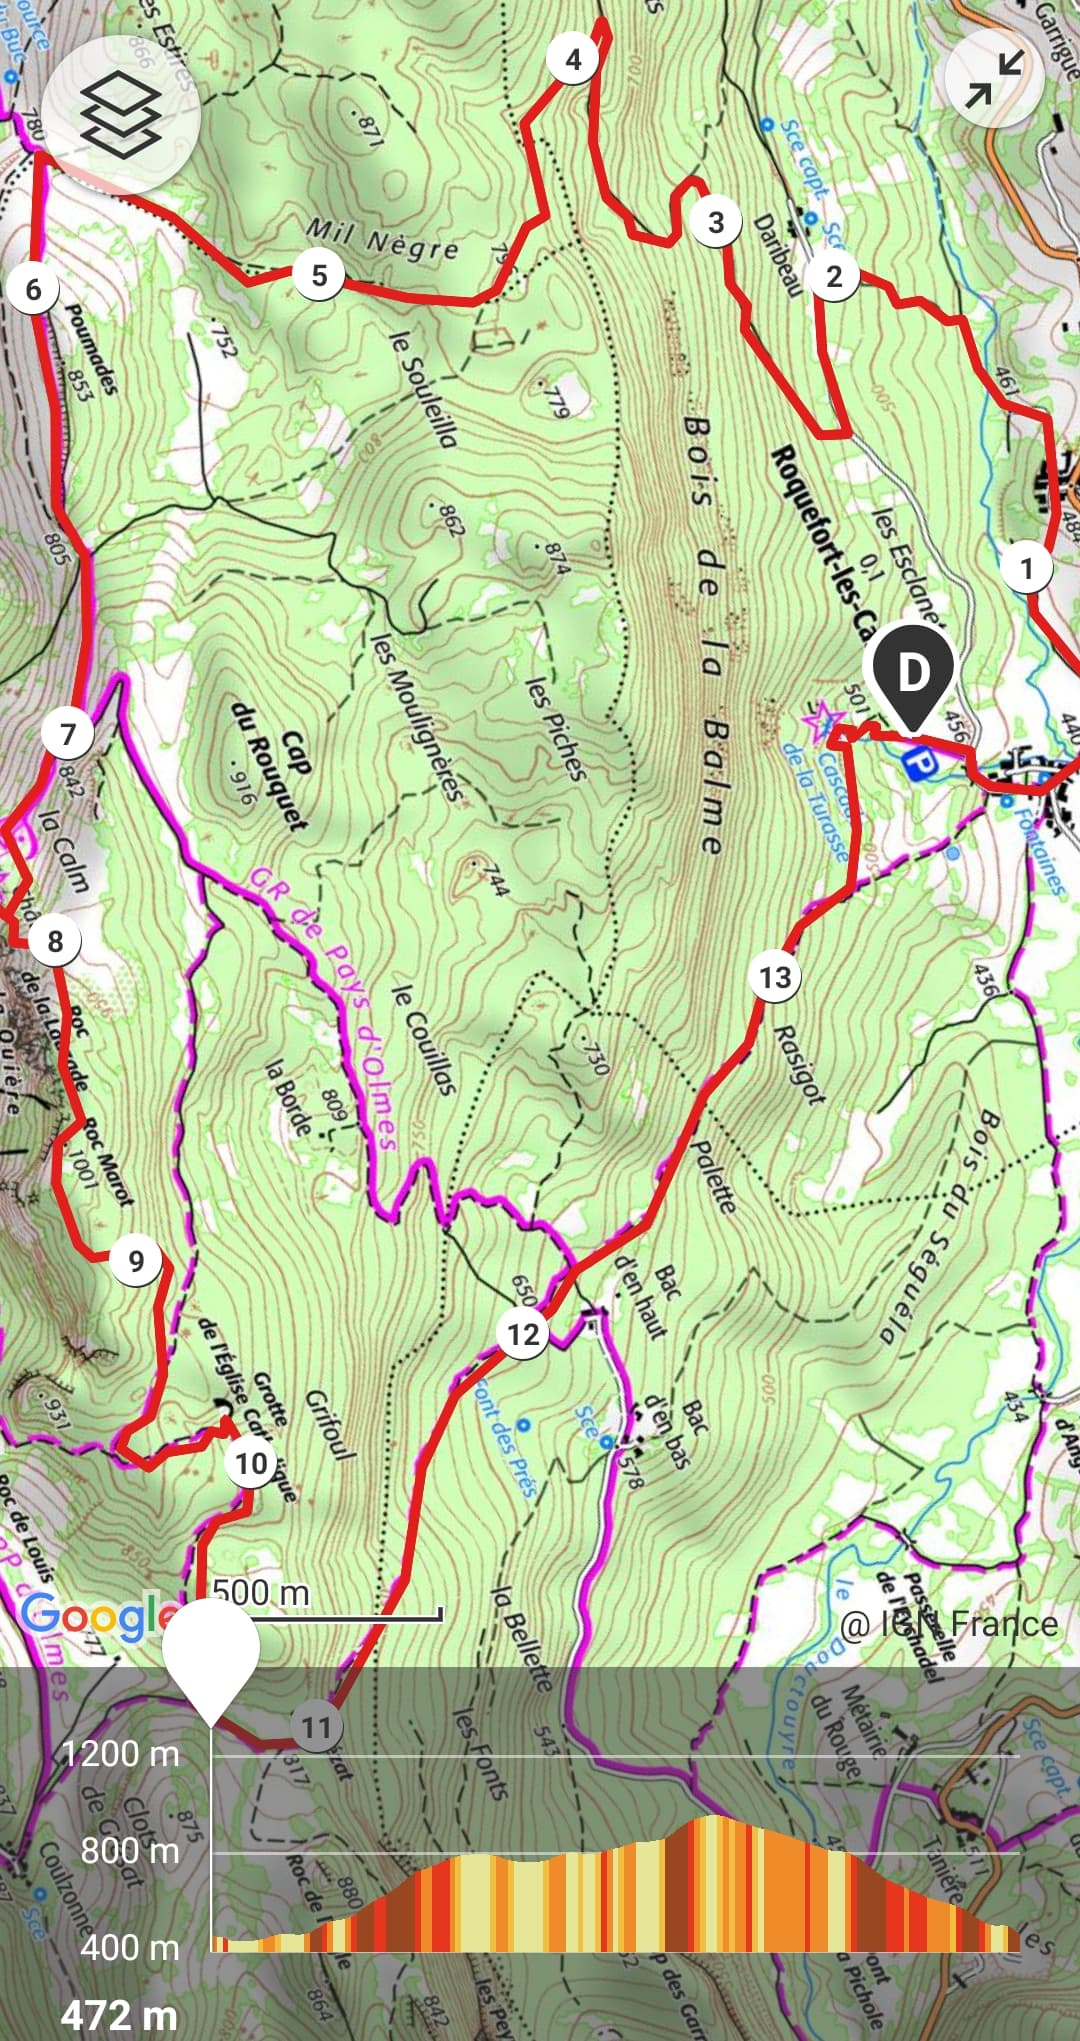 GC - trail 14km - trail des cascades ariege - 01 2021 - roquefort roquefixade (17)